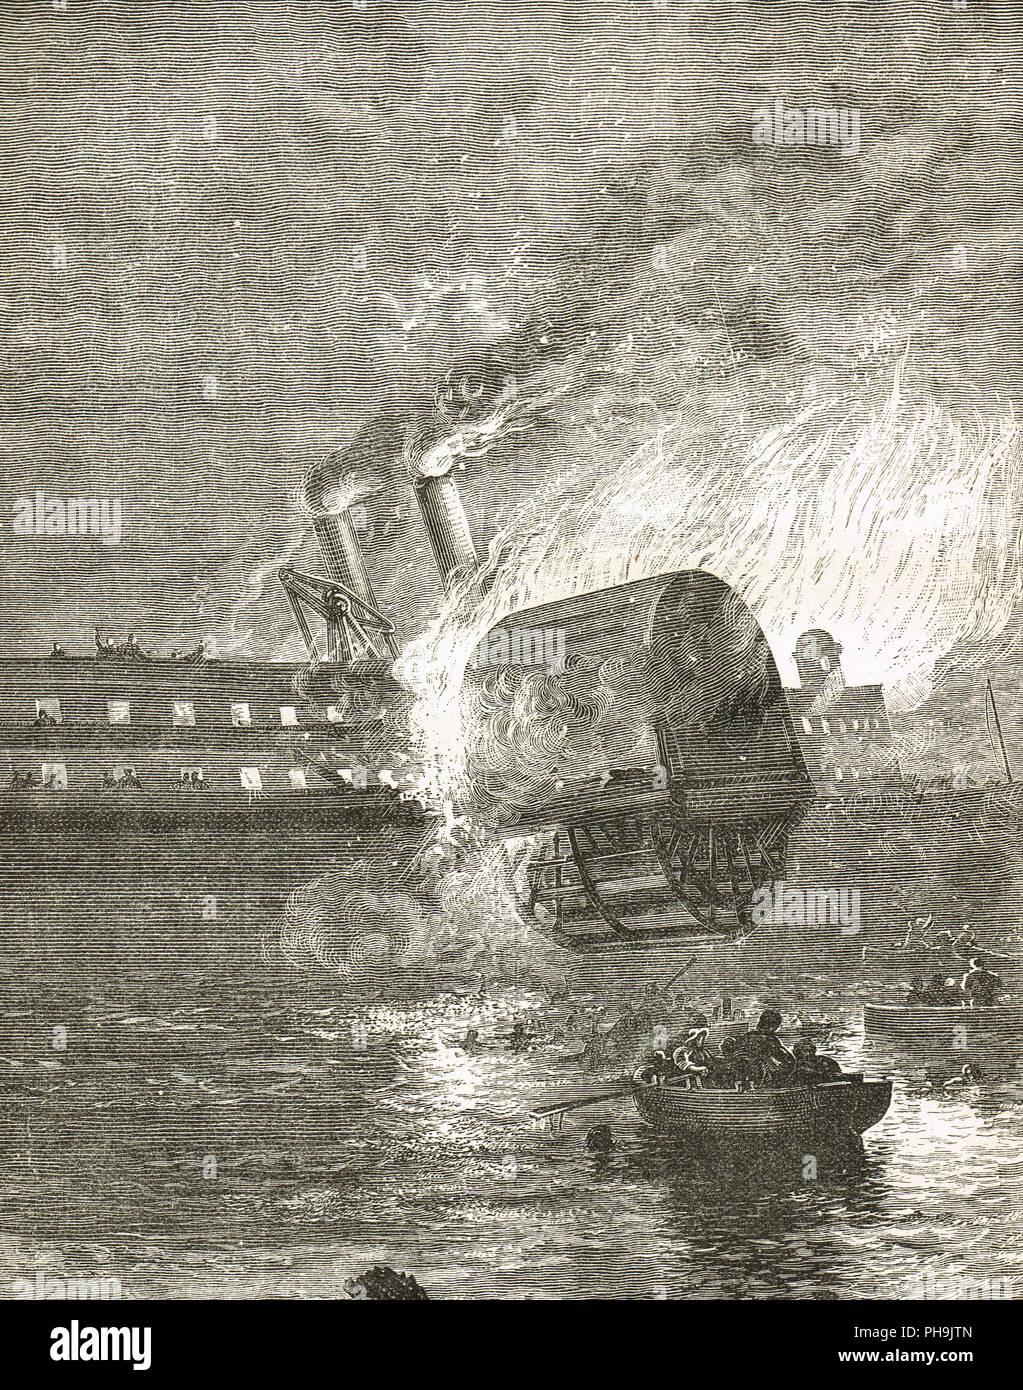 Der steamboat Erie auf Feuer, den 9. August 1841, später umbenannt in Jersey in der anonymen Prosa Skizze, der Steuermann des Lake Erie berechtigt Stockbild